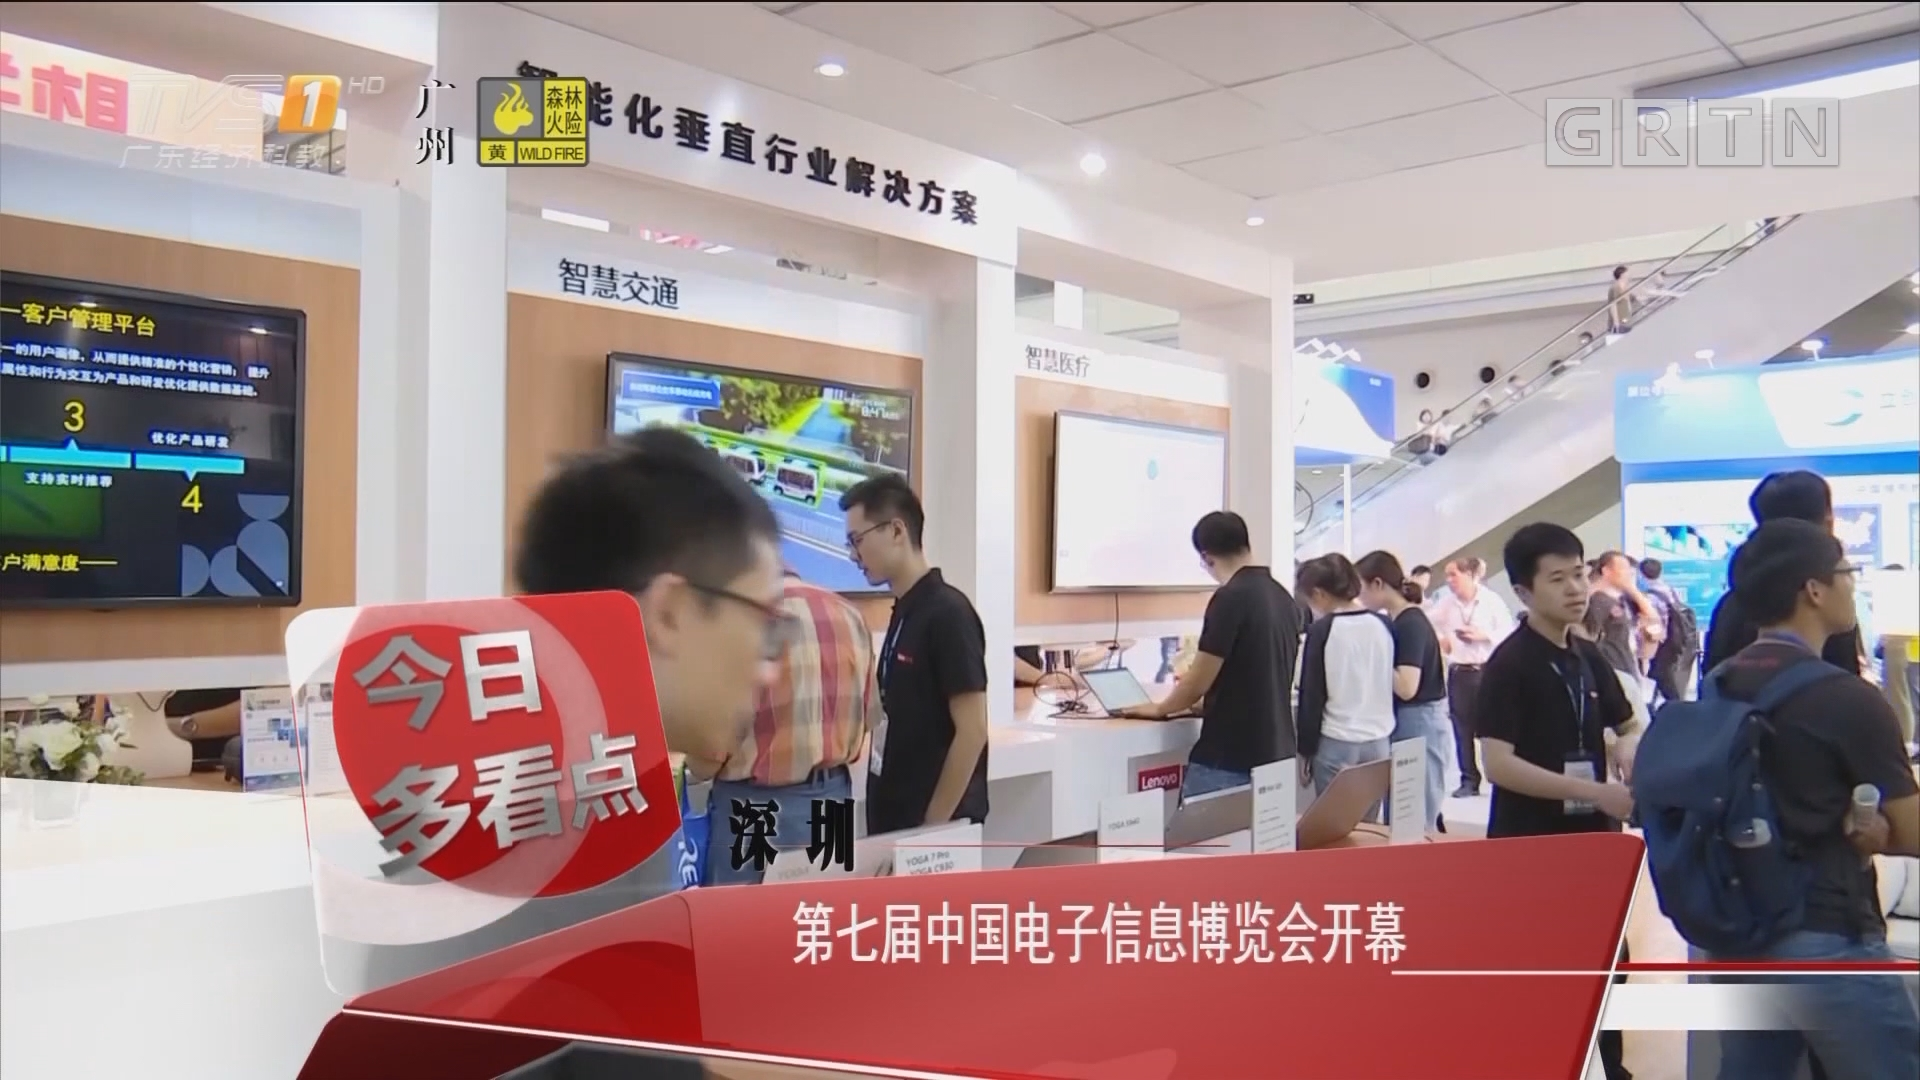 深圳:第七届中国电子信息博览会开幕